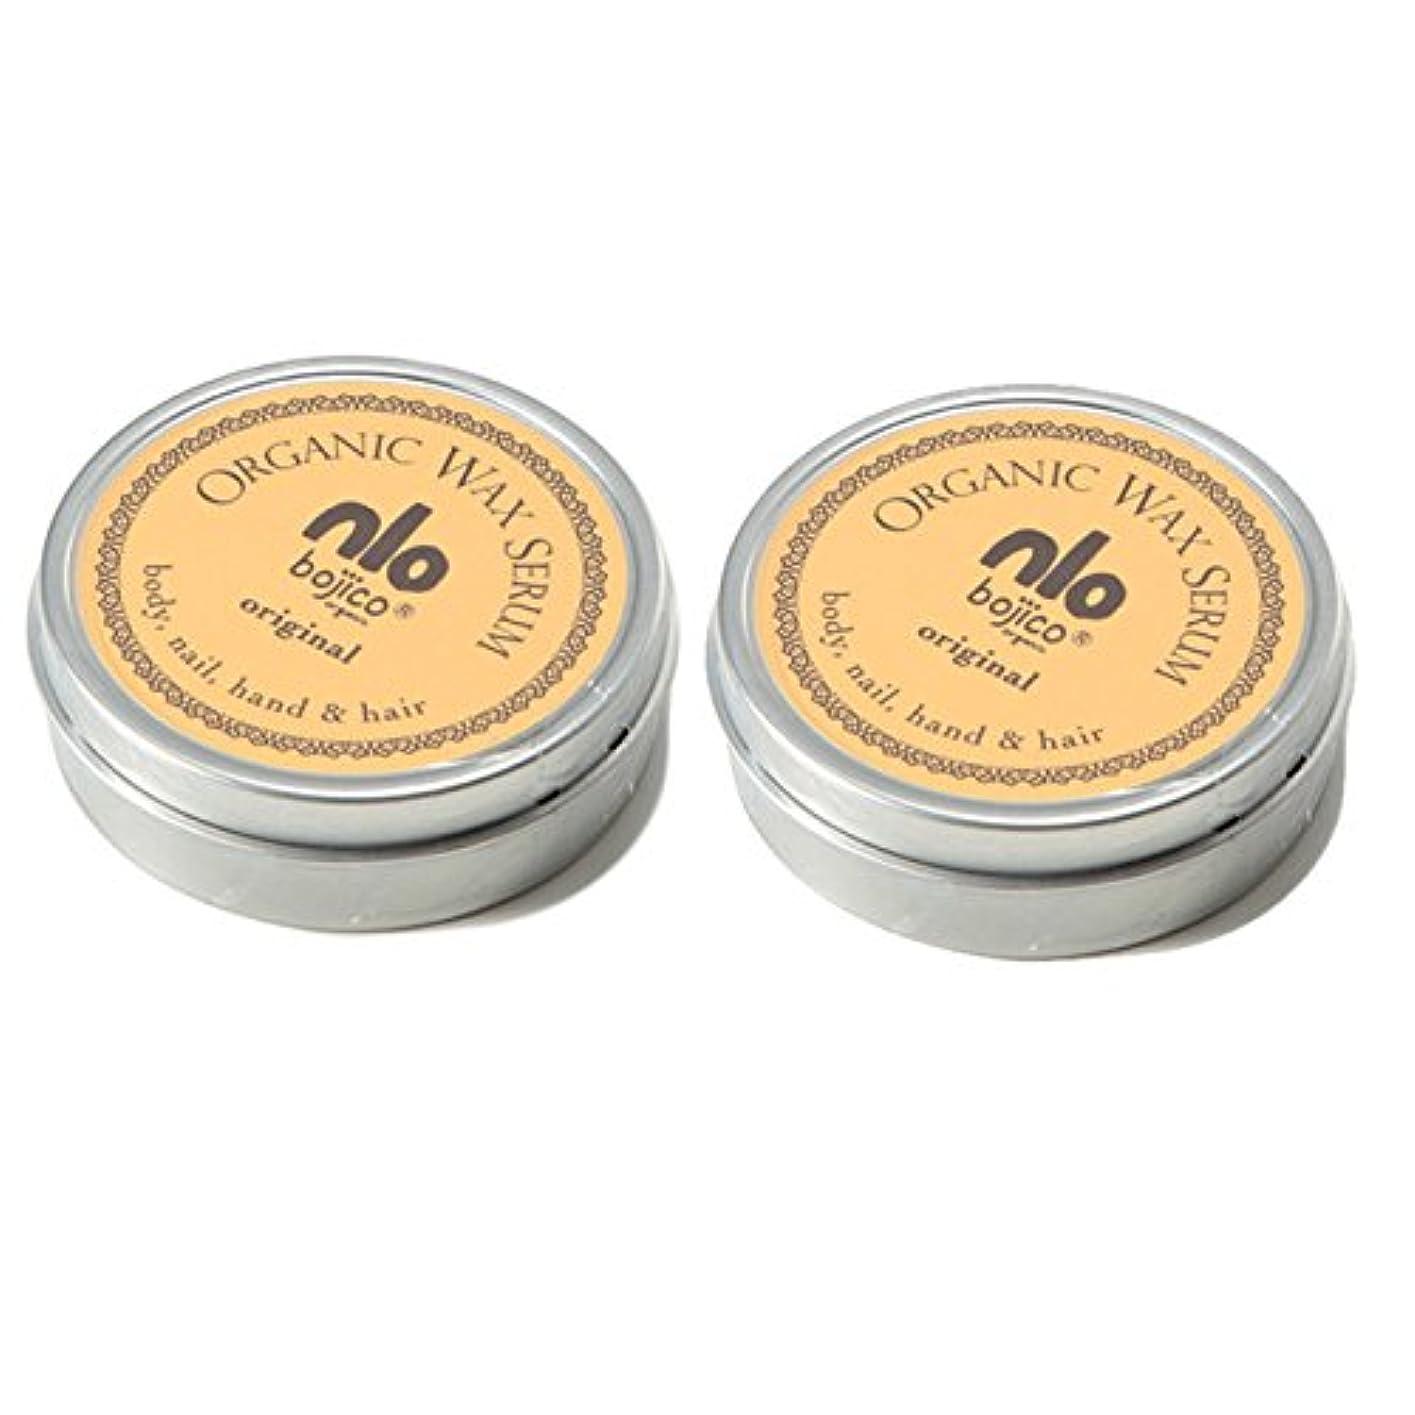 フラスコ最近セットする【40g×2個セット】 ボジコ オーガニック ワックス セラム<オリジナル> bojico Organic Wax Serum 40g×2